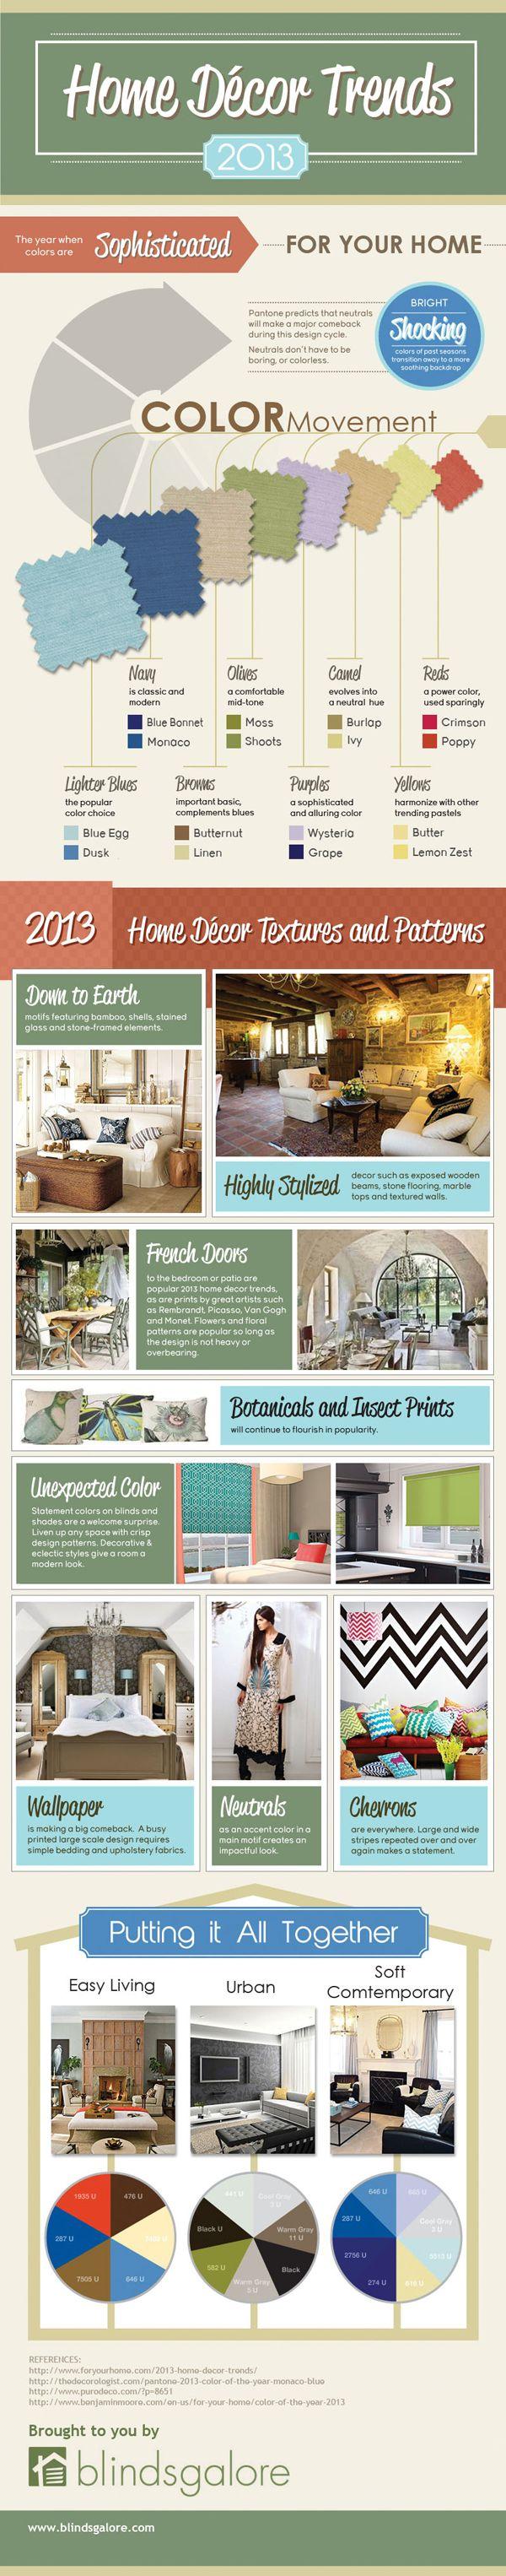 at interior decorate decorating nyc design amazing photo courses ideas